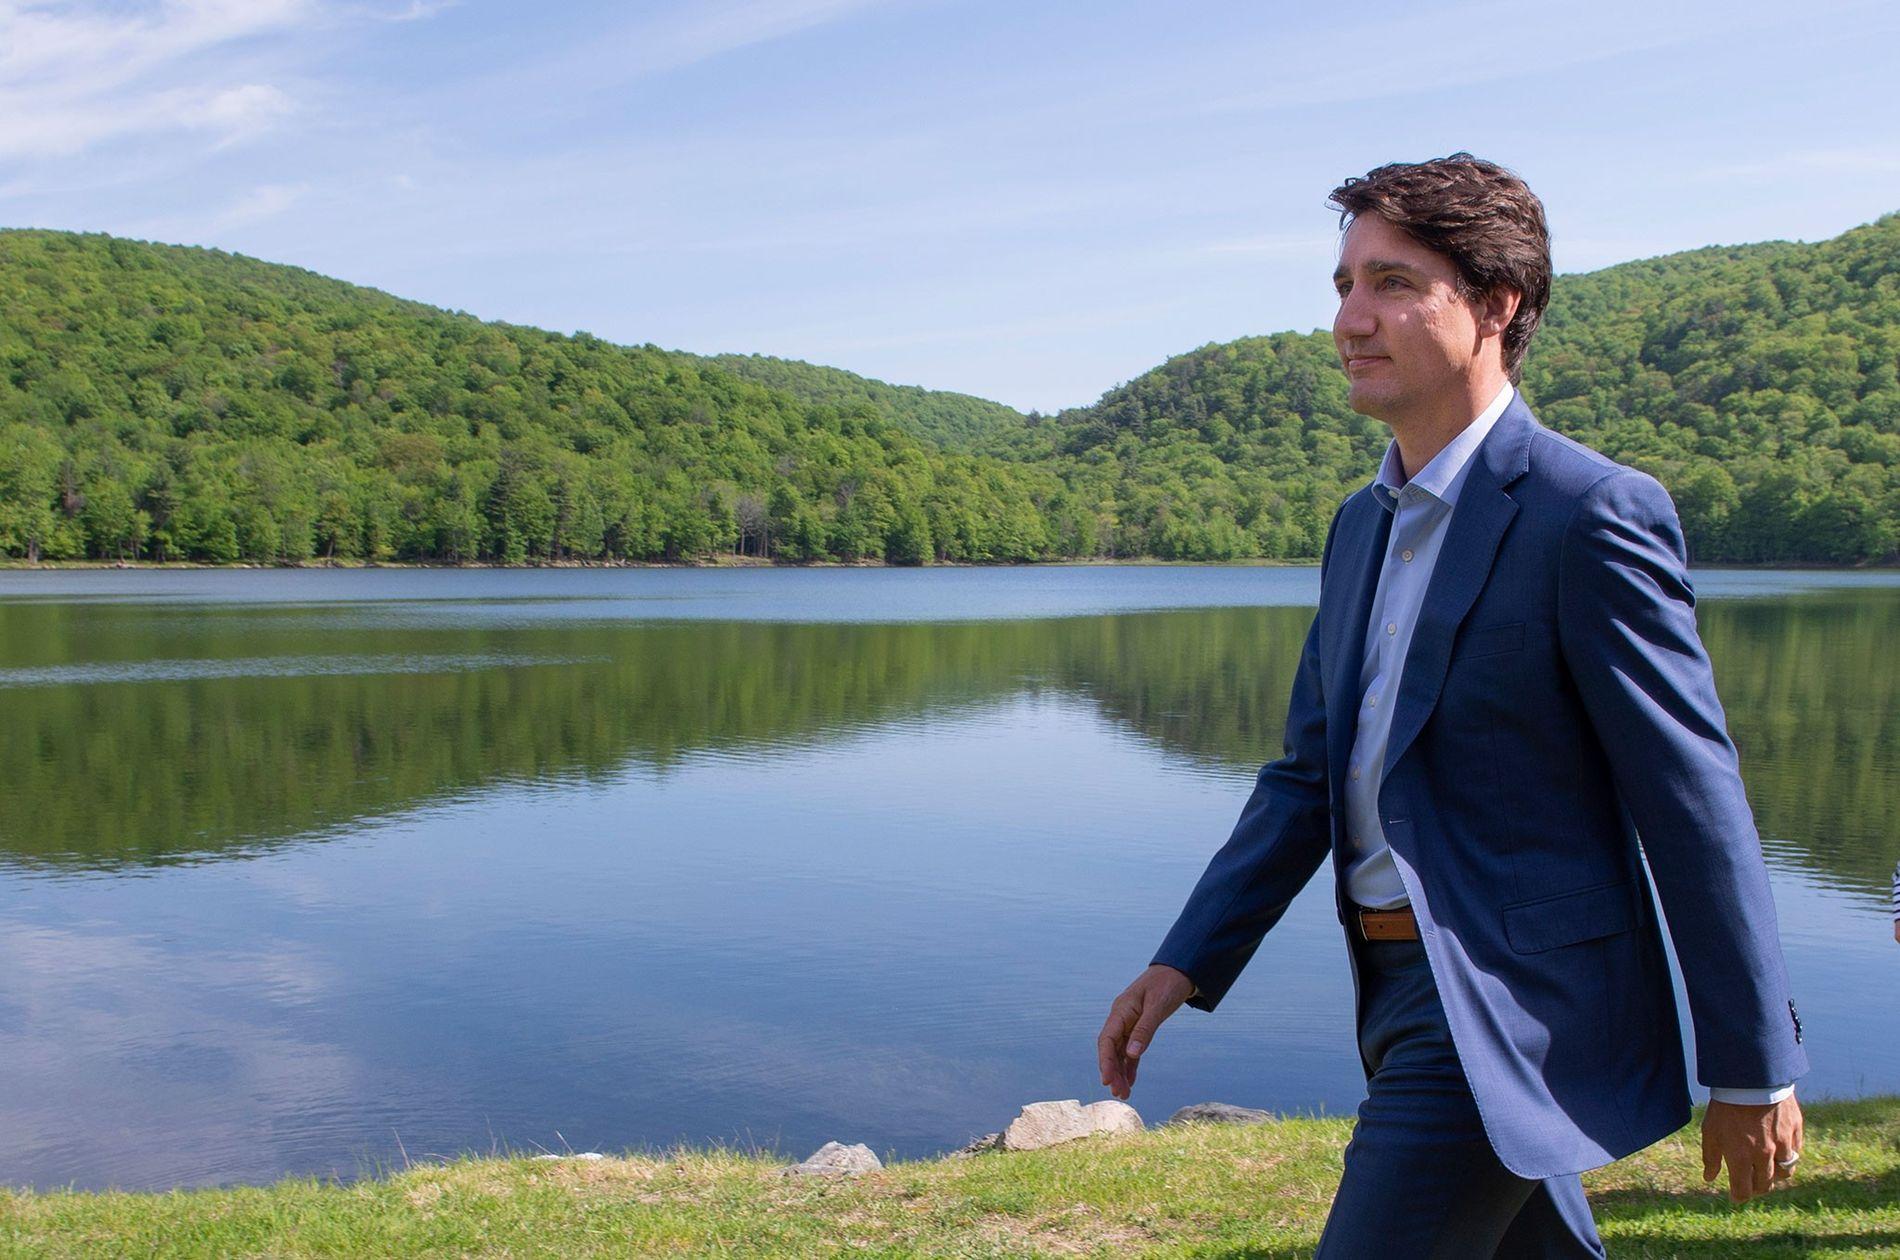 El primer ministro canadiense, Justin Trudeau, después de una conferencia de prensa donde anunció la intención ...